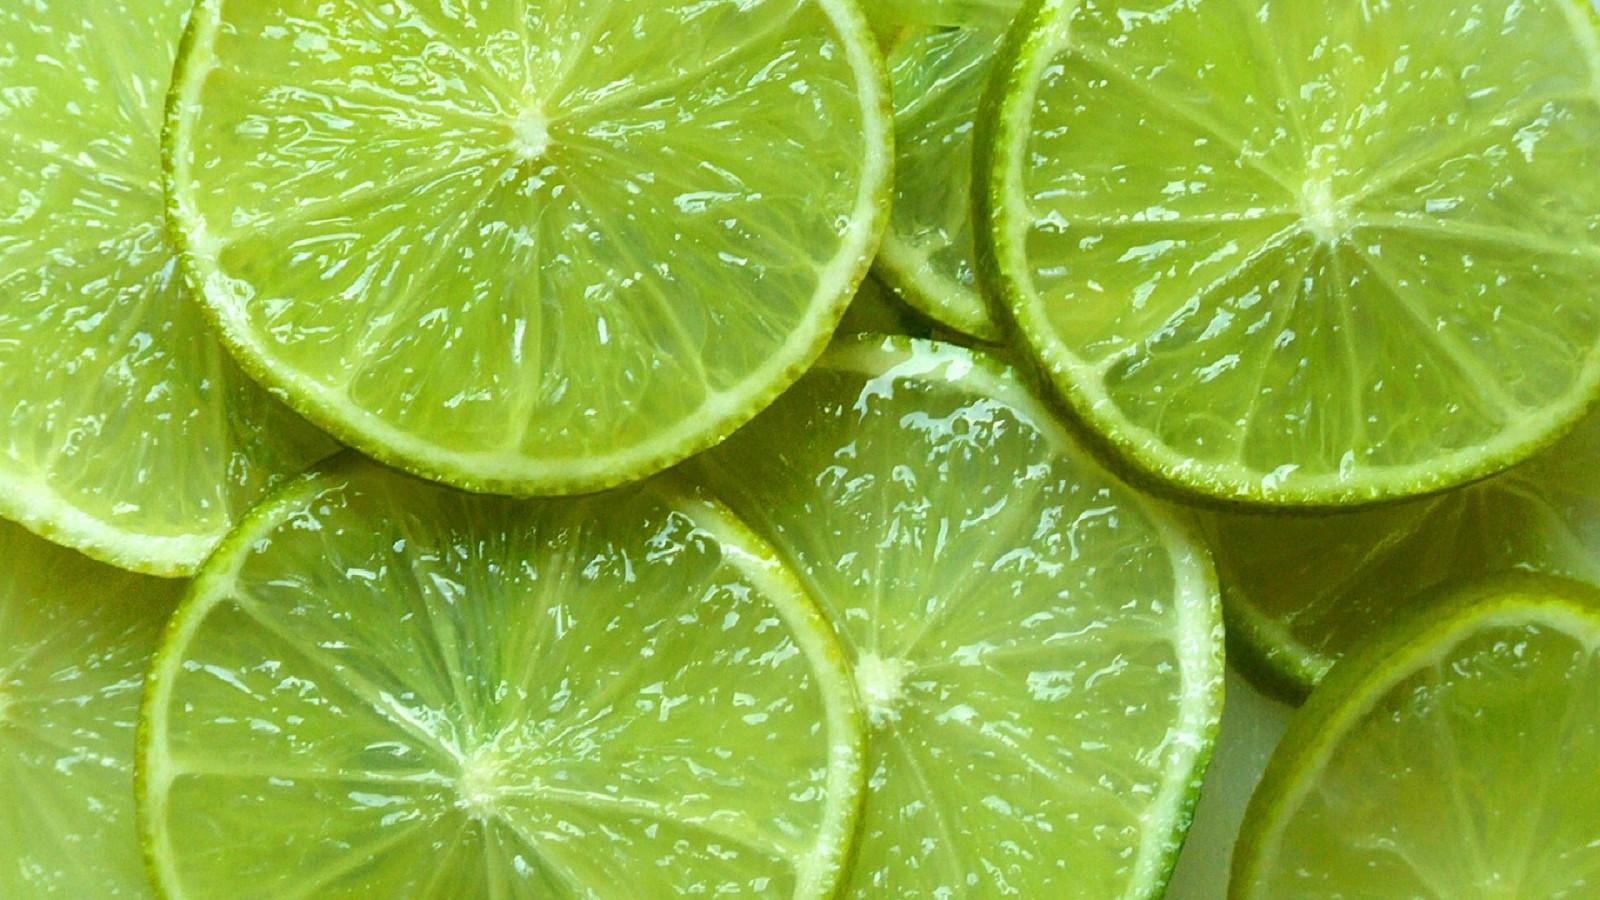 food, closeup, fruit, drink, lime, limes, citrus, plant, lemon, produce, land plant, flowering plant, sweet lemon, lemon lime, key lime, persian lime, lemon juice